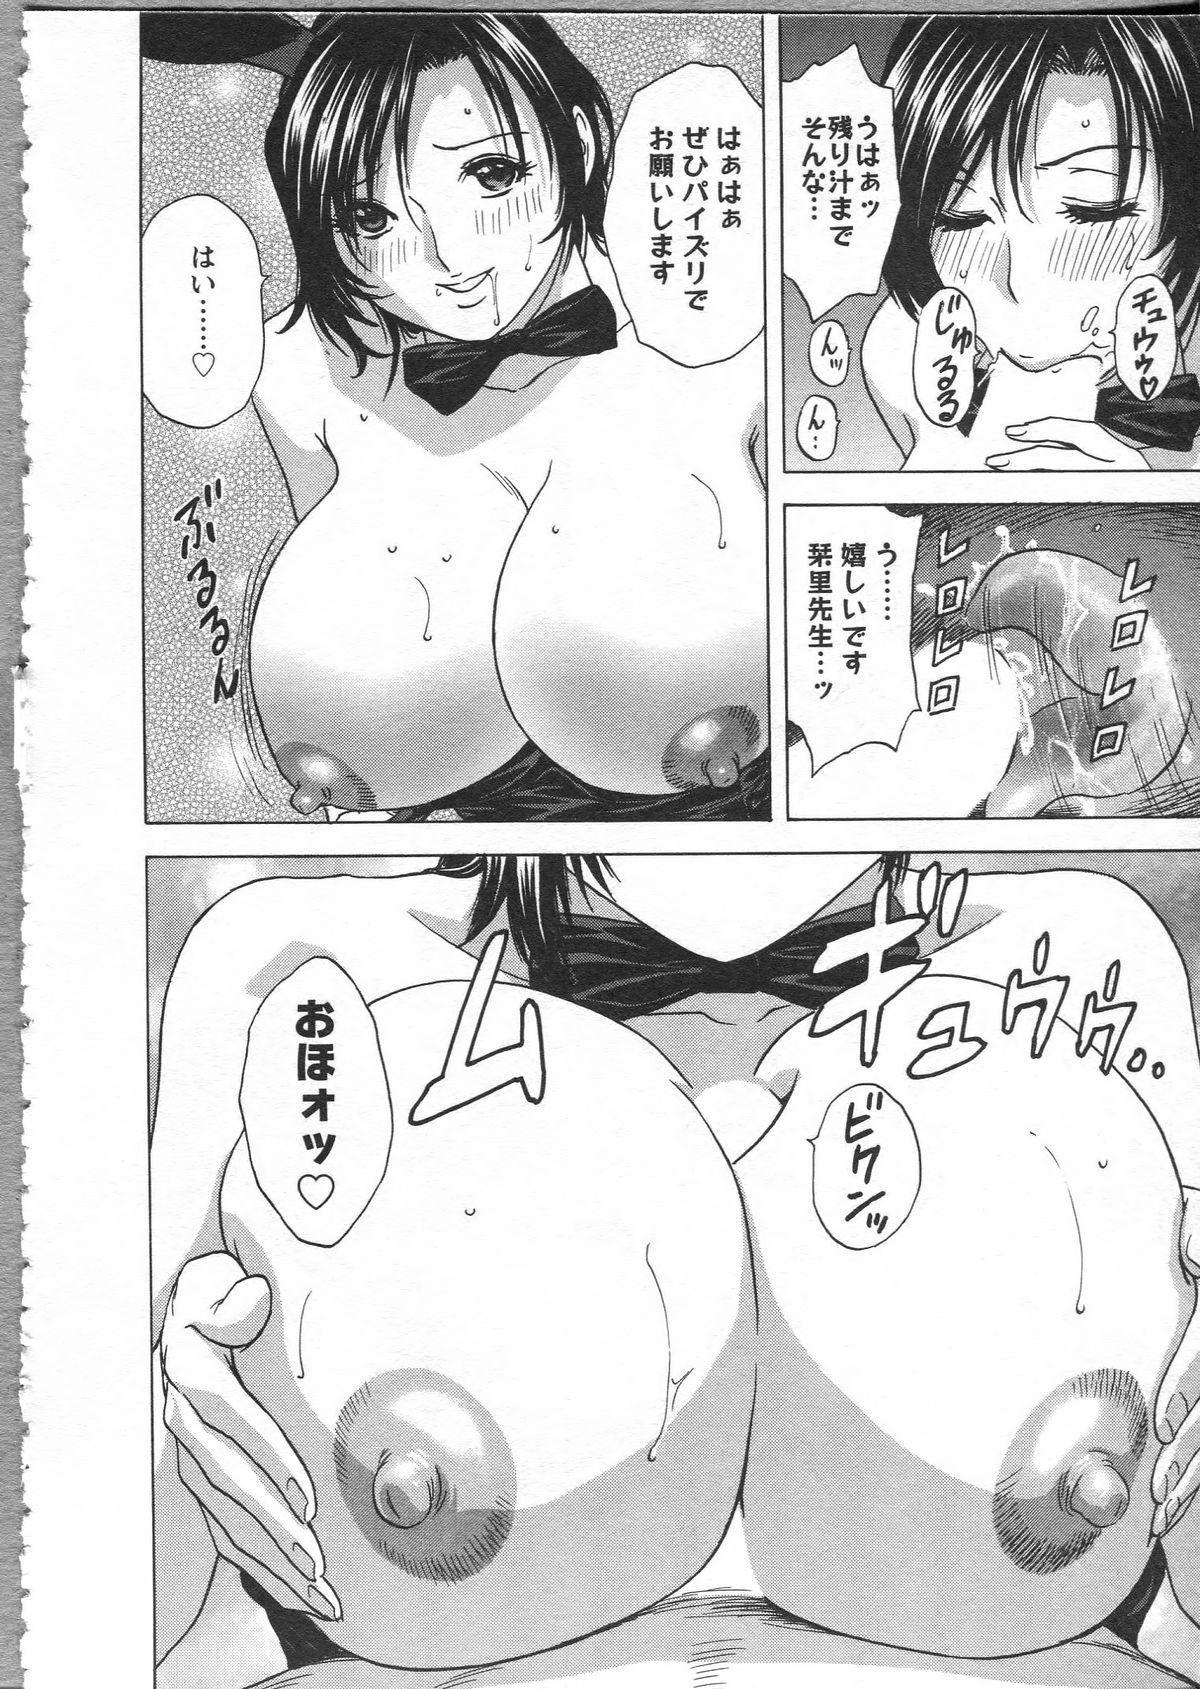 Manga no youna Hitozuma to no Hibi - Days with Married Women such as Comics. 181